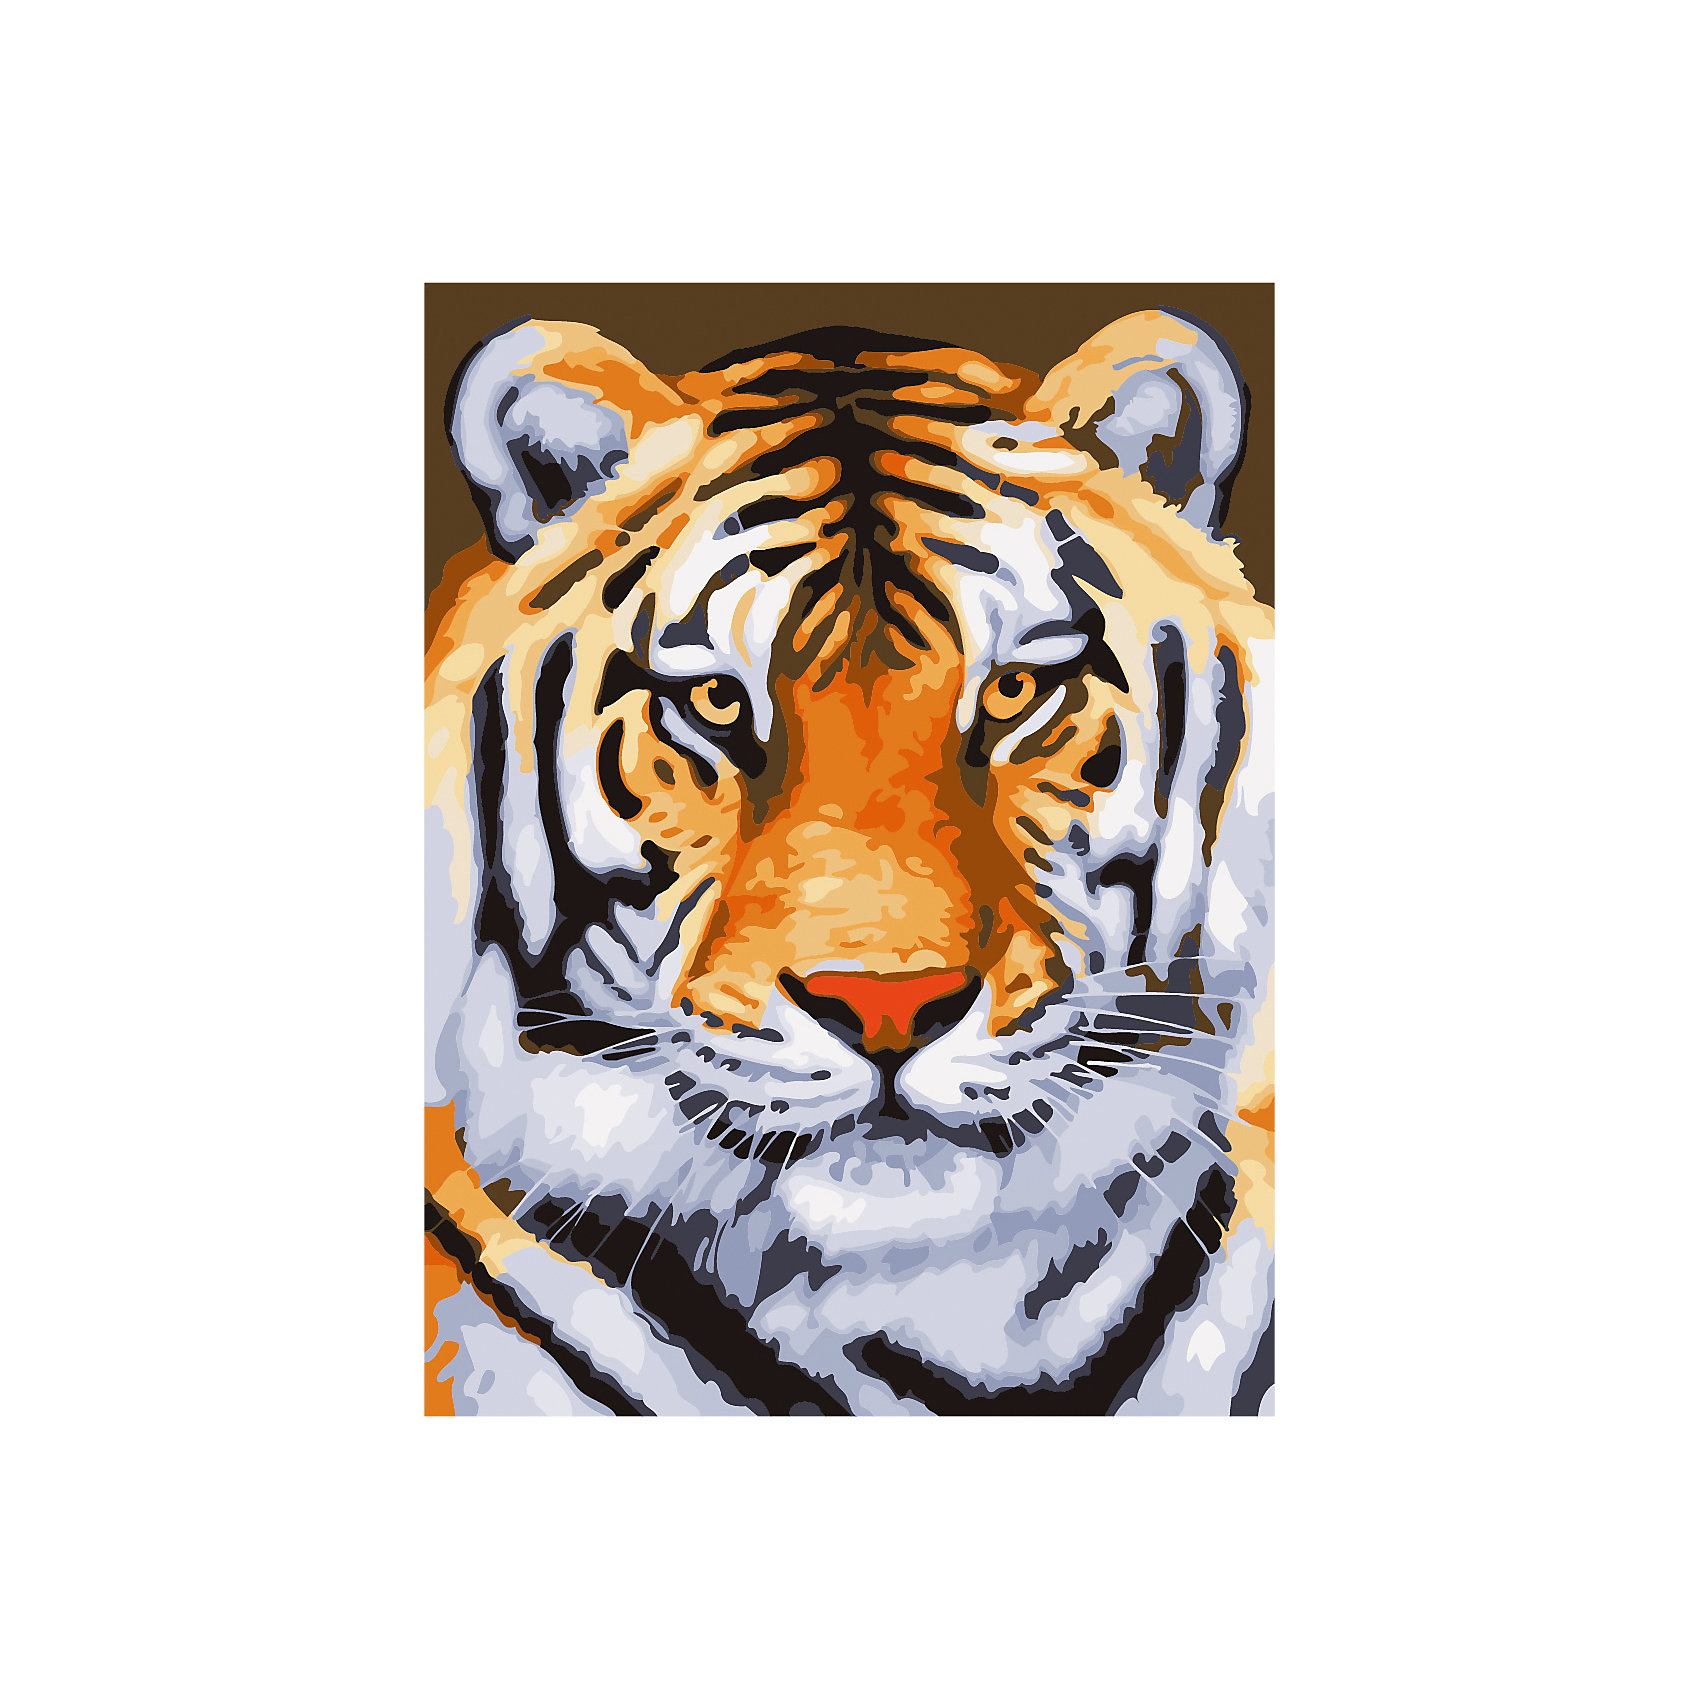 TUKZAR Роспись по номерам Тигр 40*50 см tukzar роспись по номерам тигры 40 50 см